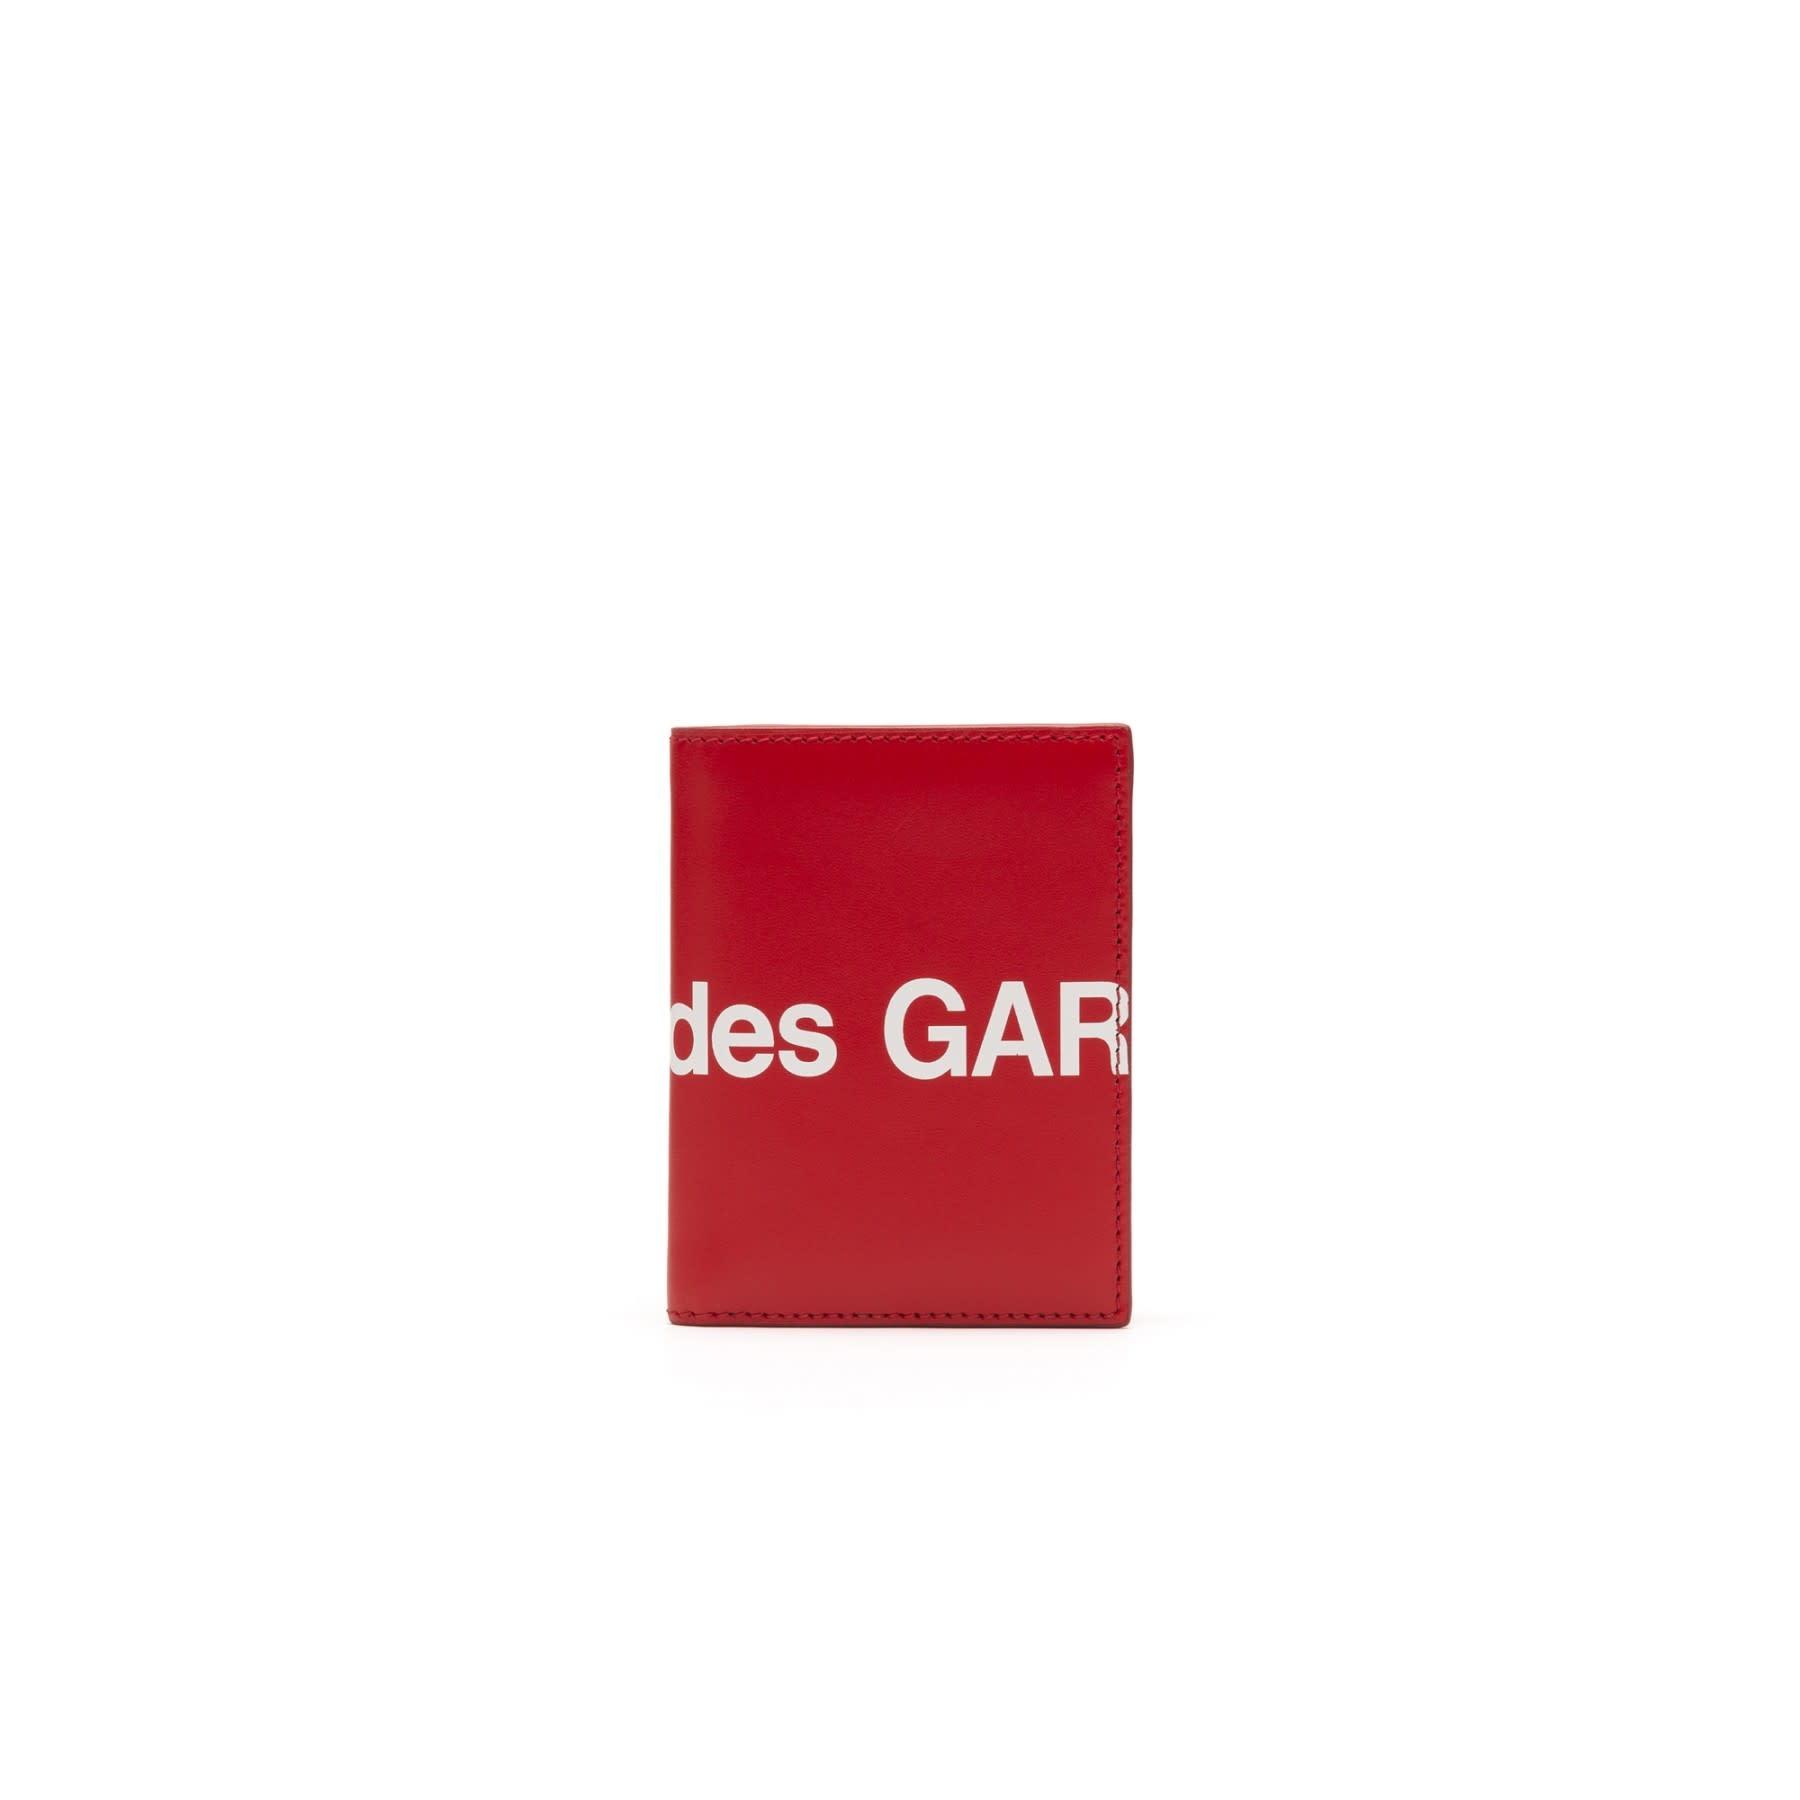 COMME des GARÇONS Wallet COMME DES GARÇONS BIFOLD HUGE LOGO WALLET Red SA0641HL